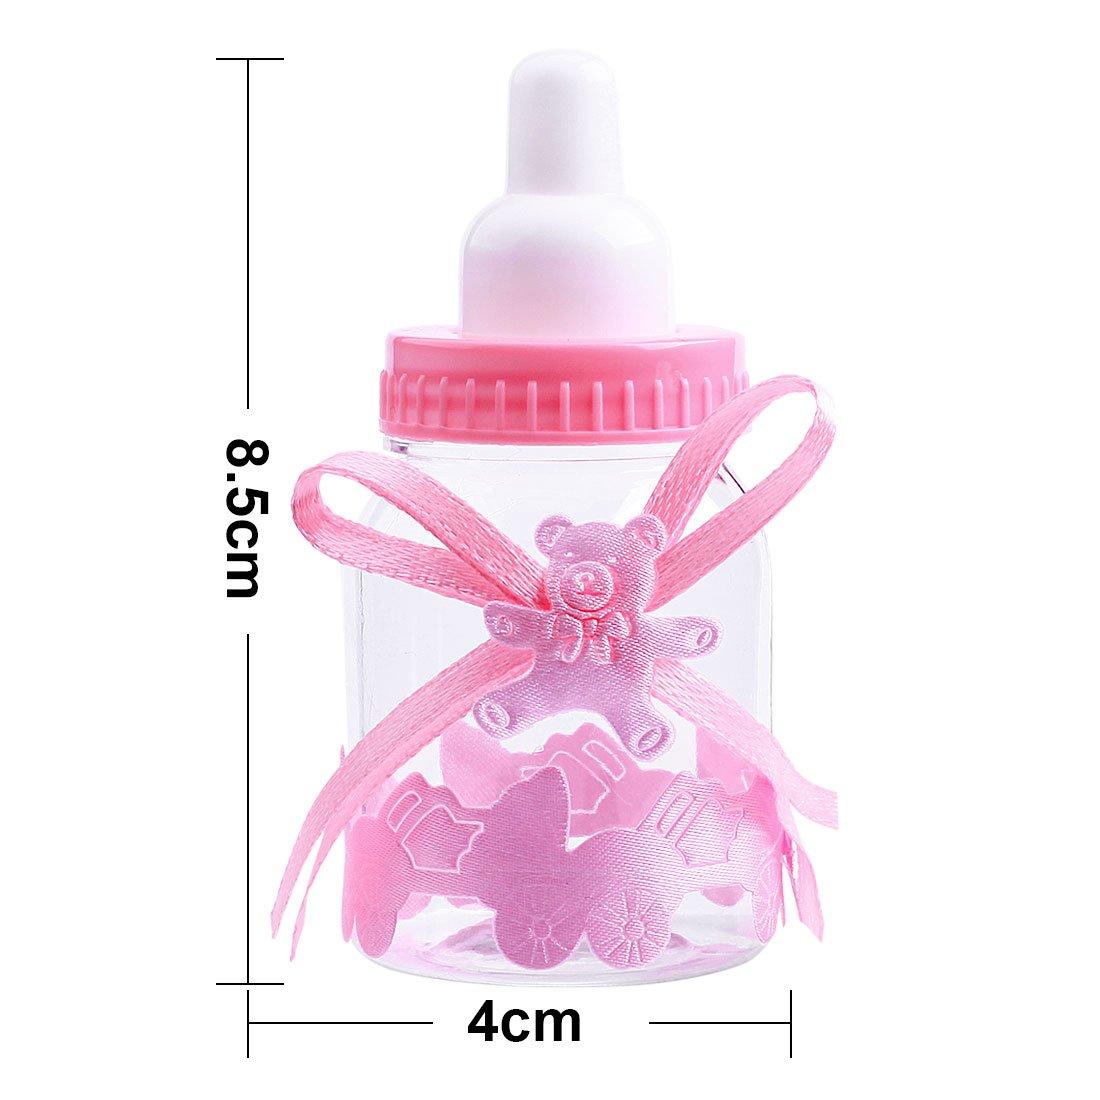 Gudotra 125 Packs 24pcs Caja Biberones Plastico Botella Dulces Rosa + 100pcs Tarjetas Blanco + 10 Metros Cuerda de Yute para Recuerdo de Bautizo Baby ...